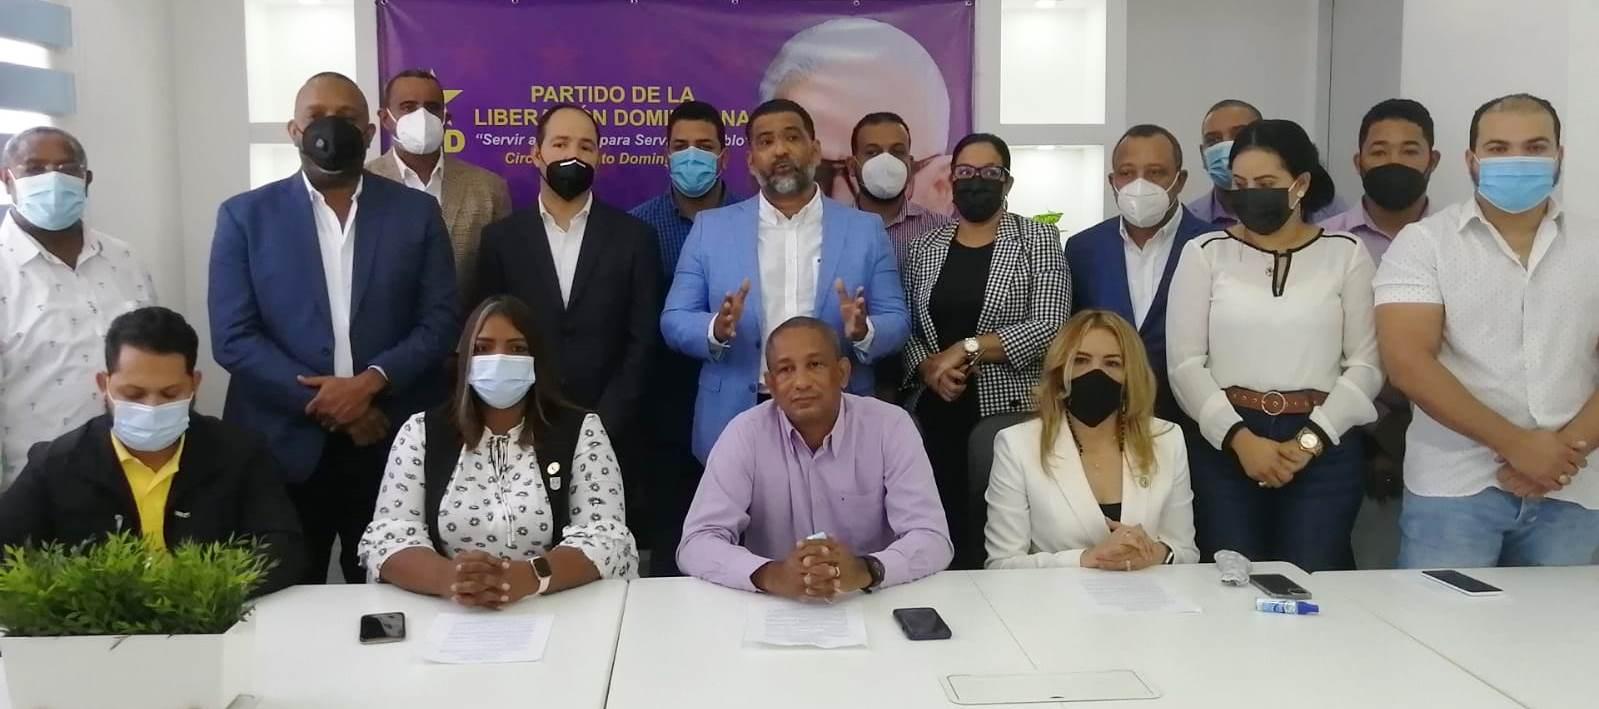 PLD dice alcalde Manuel Jiménez acusa a otros de sus errores e incapacidad